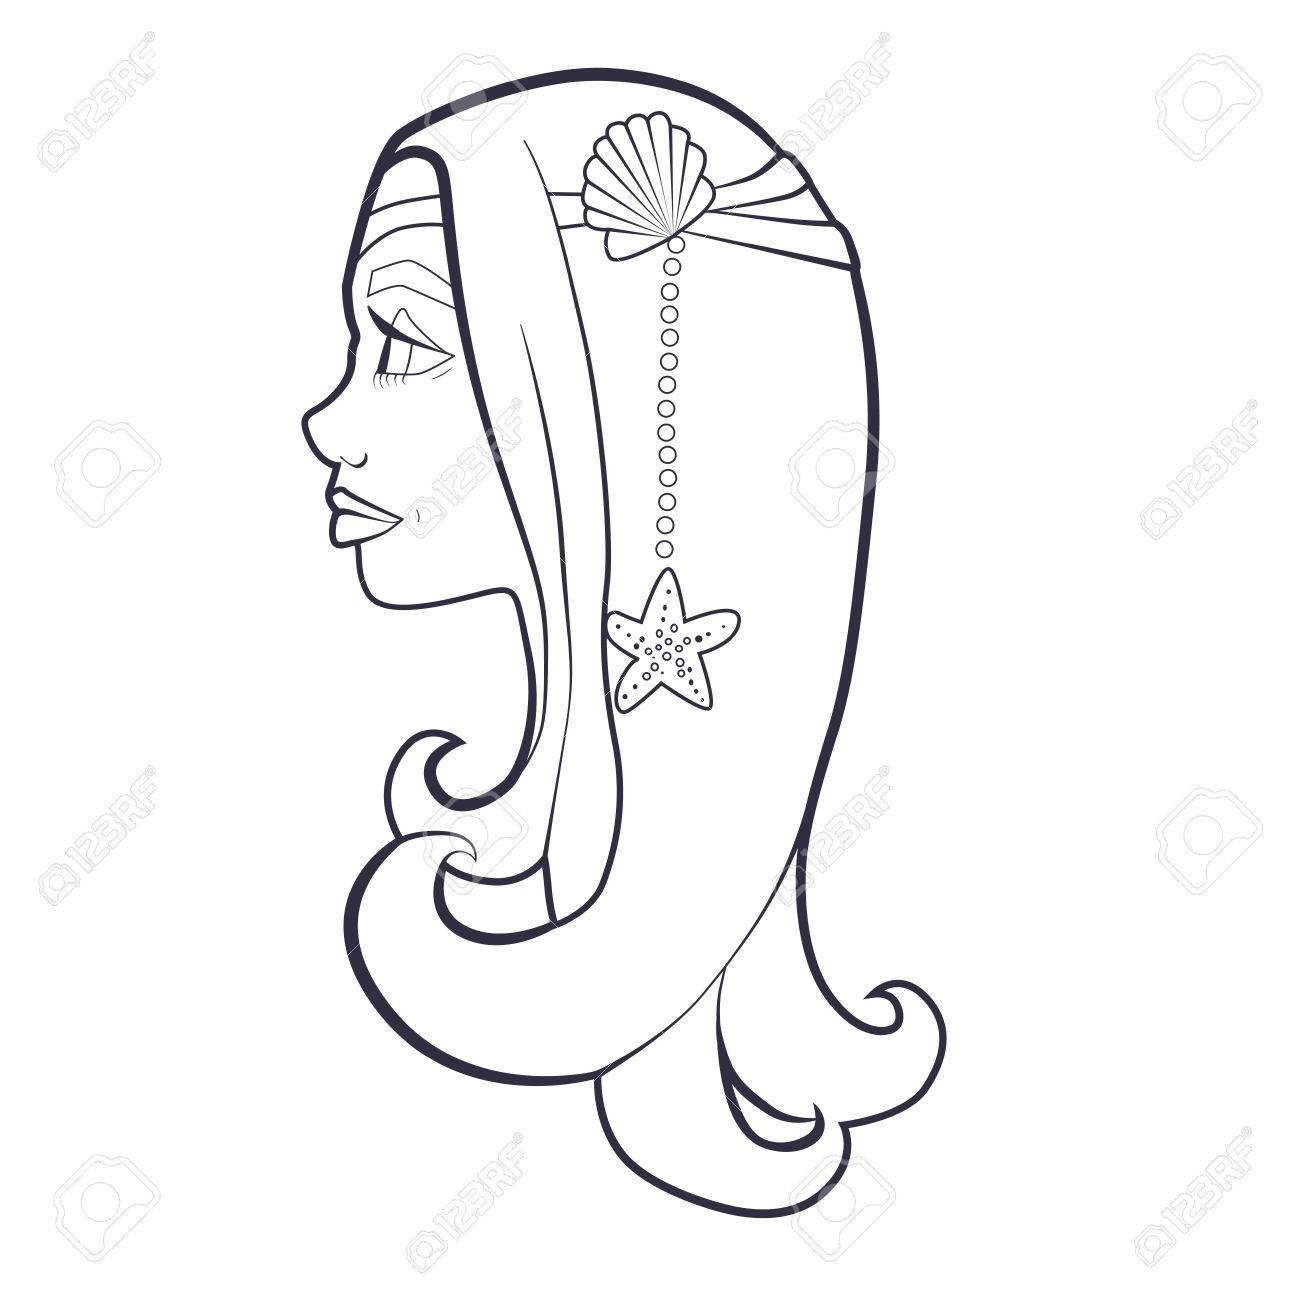 Coloriage Etoile De Mer Et Coquillage.Coloriage Livre Avec Dessin D Une Fille Avec Coquillage Et Etoile De Mer Dans Les Cheveux